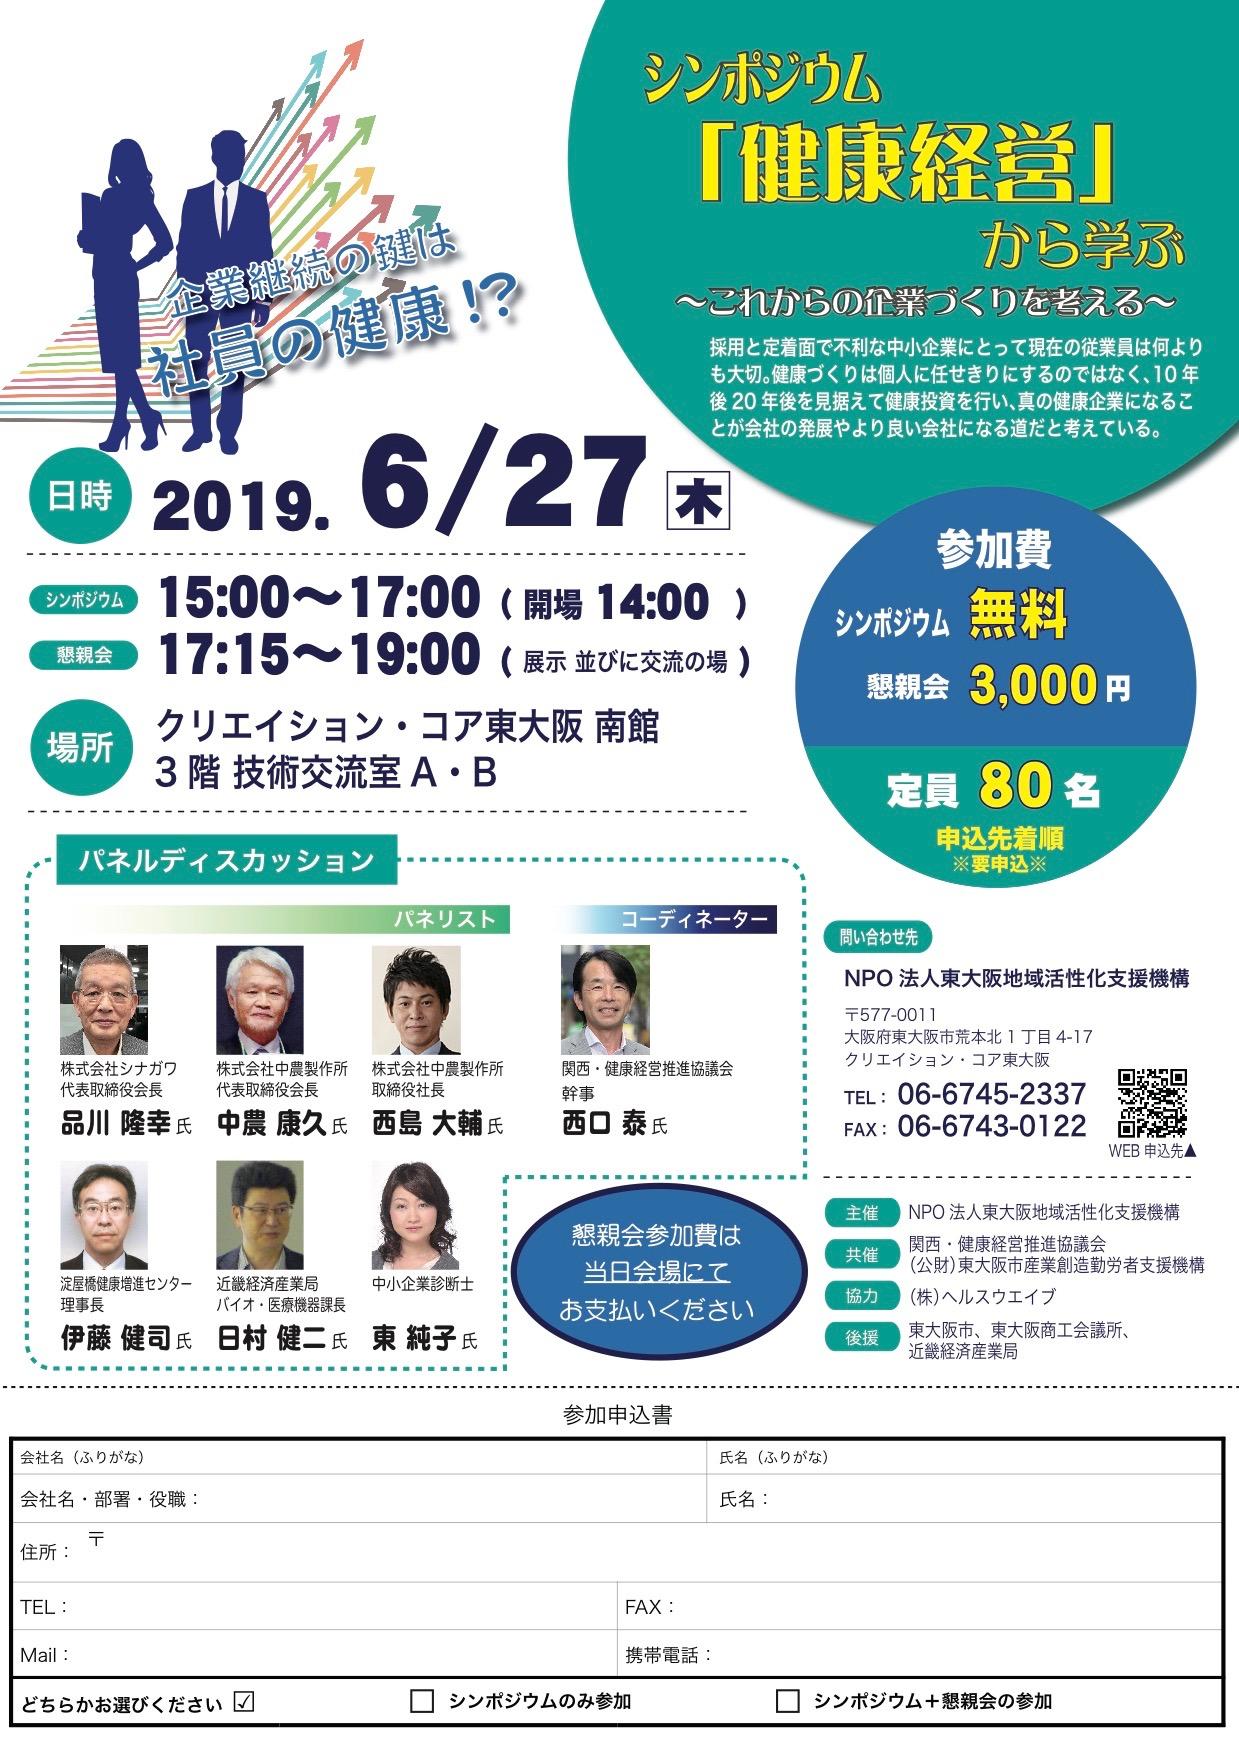 参加者募集!6/27シンポジウム「健康経営」から学ぶ